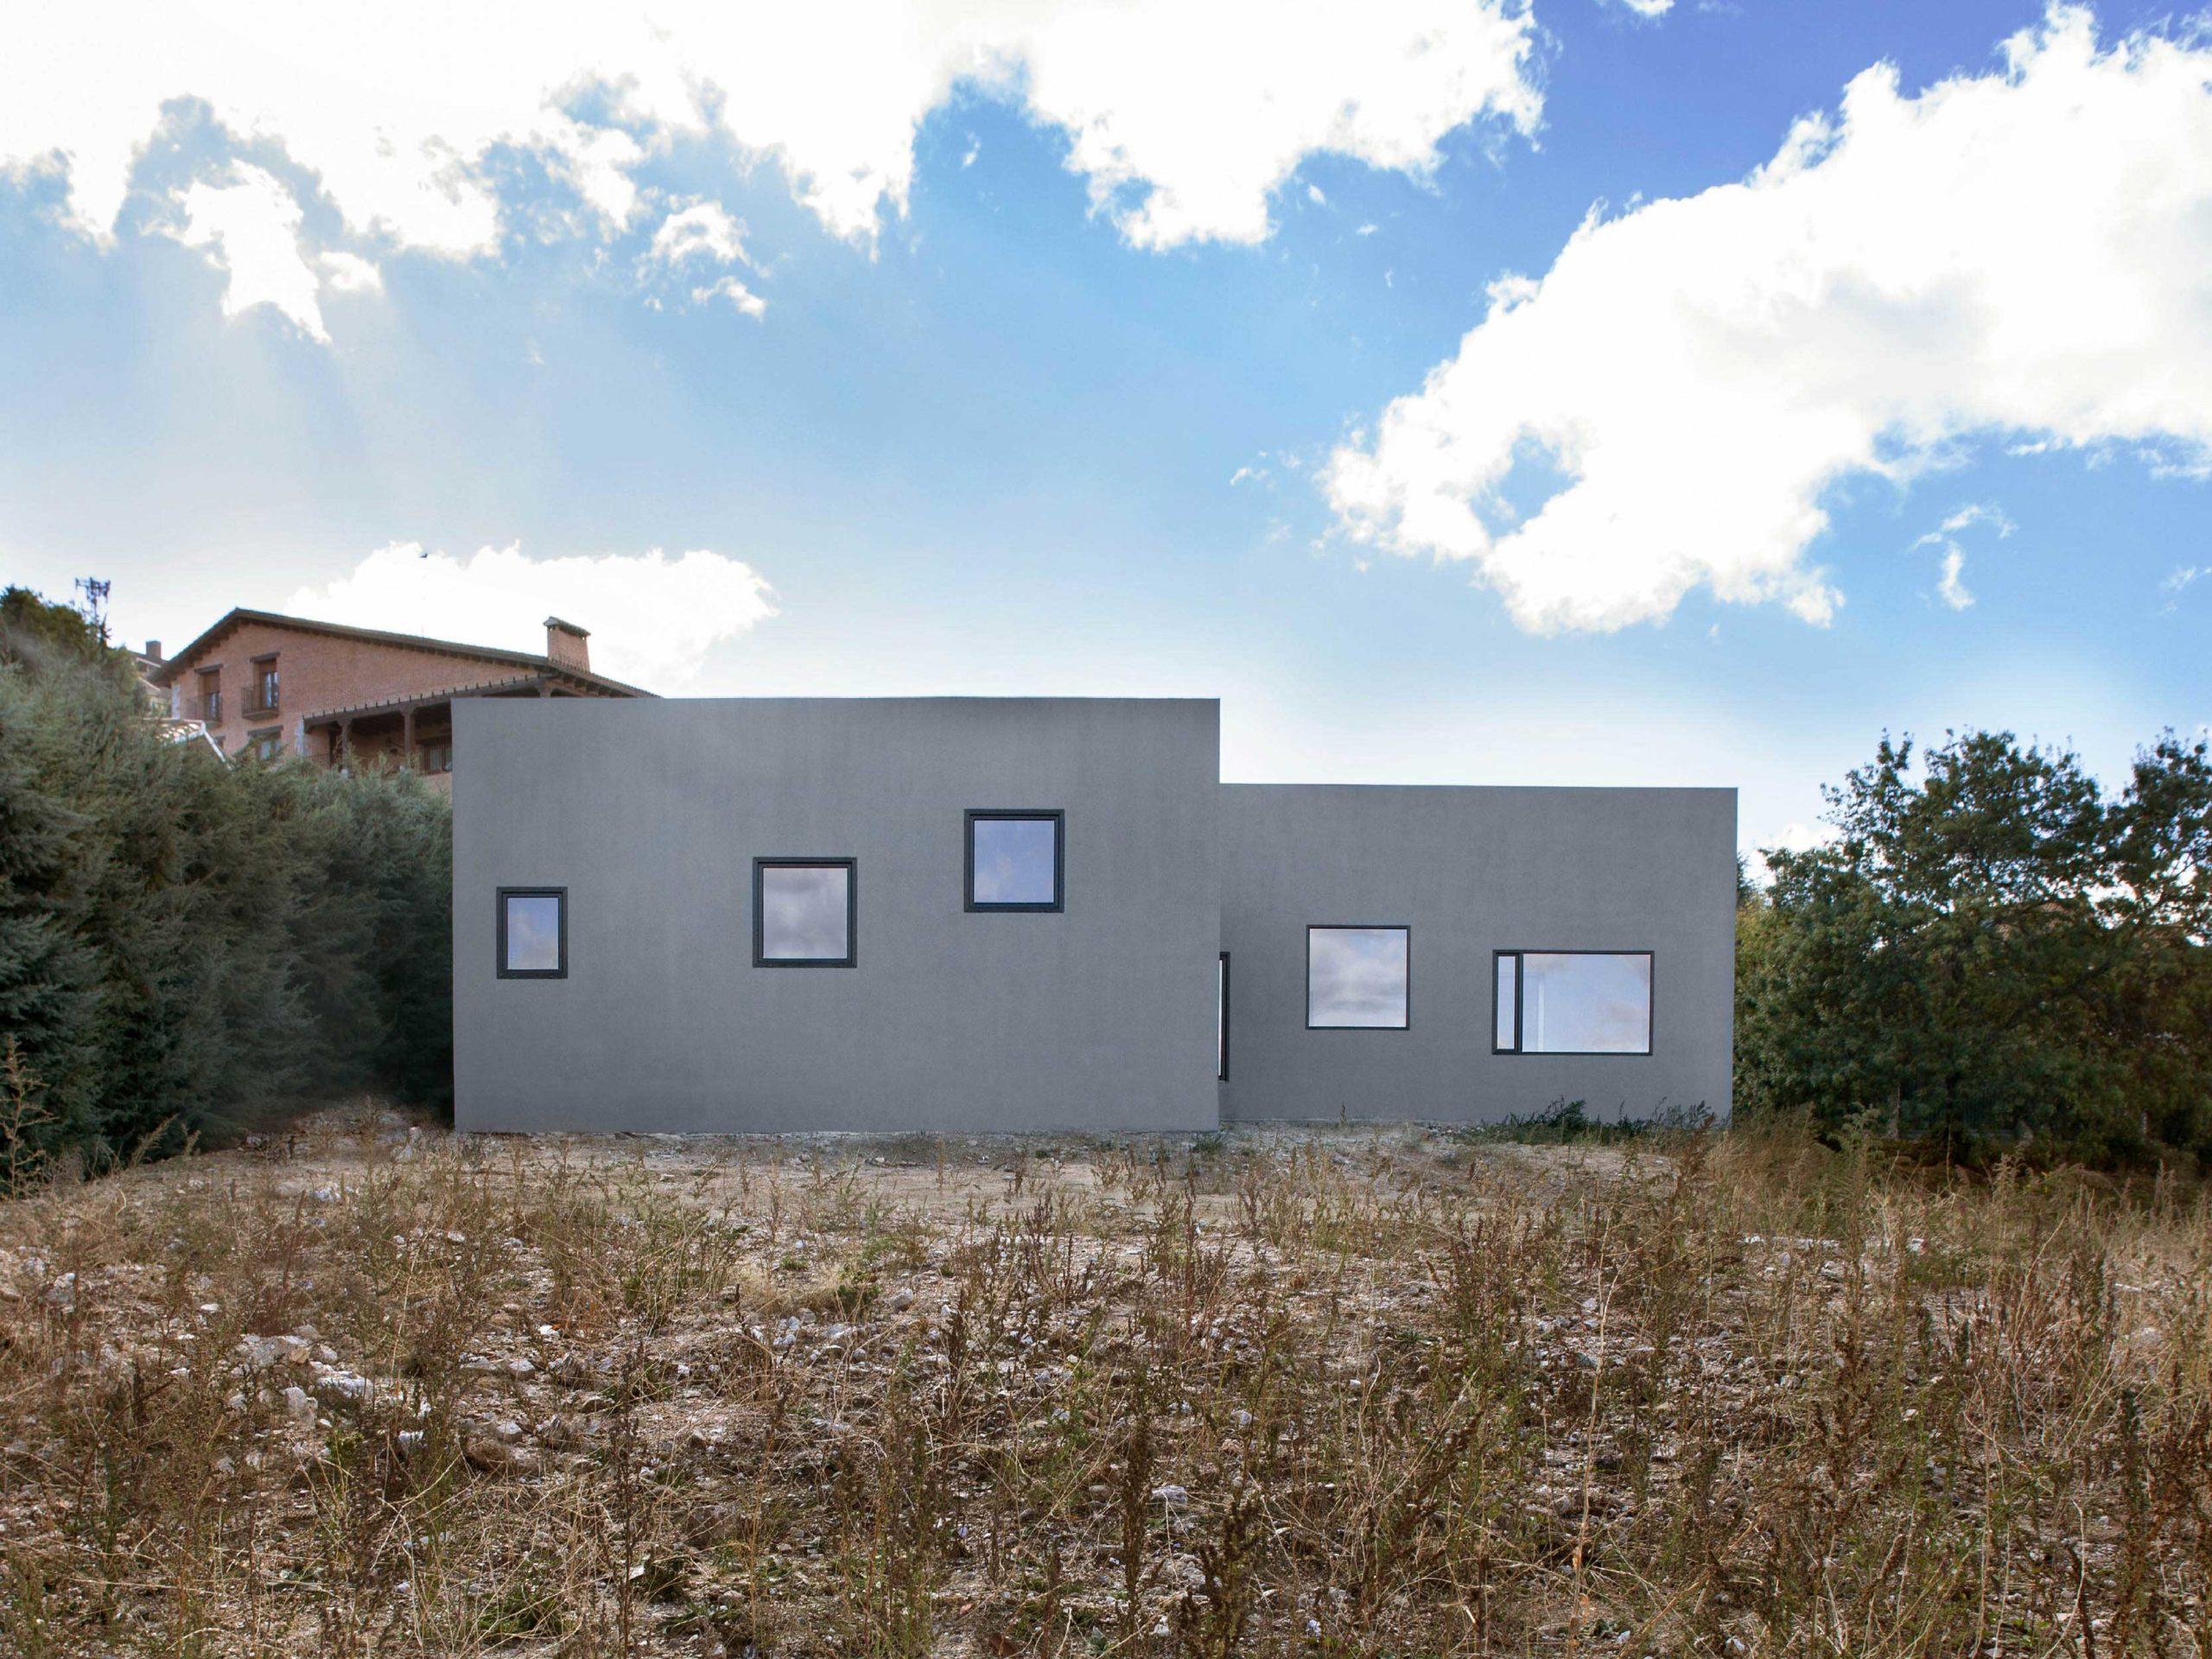 Arquitectura Vivienda unifamiliar Sierra de Madrid